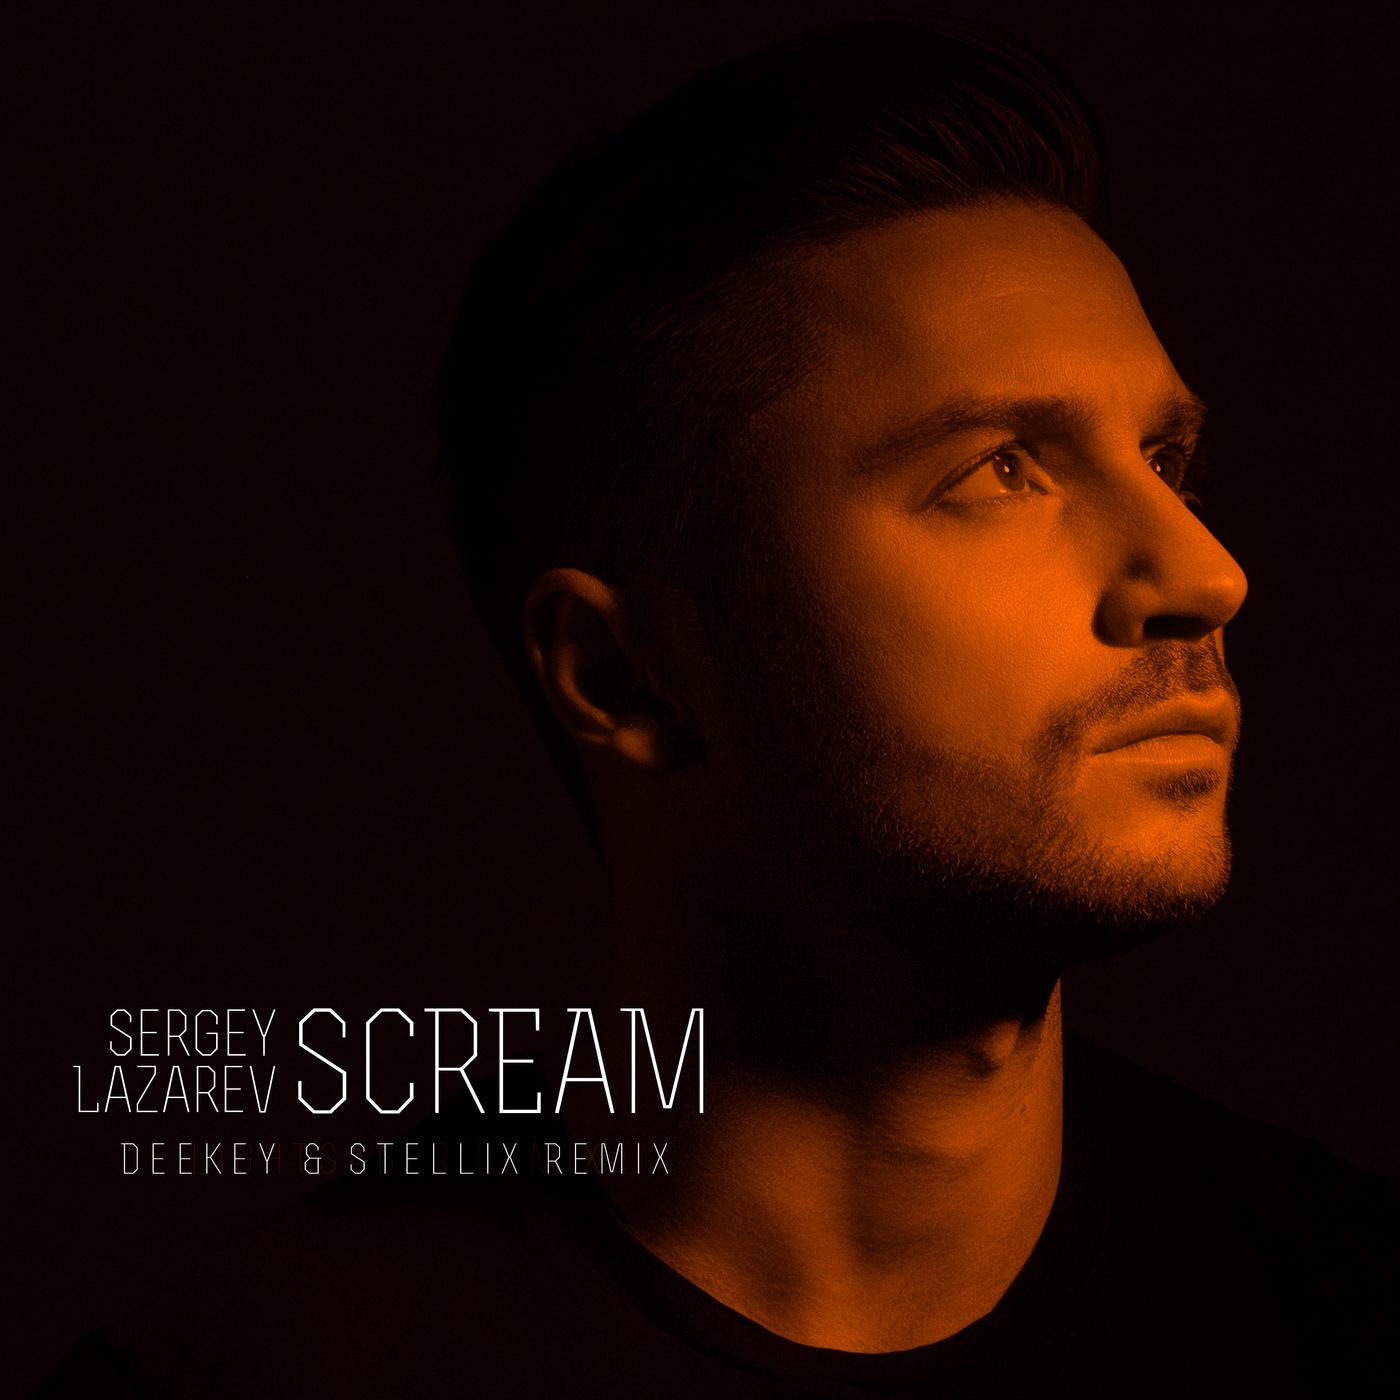 Scream (Deekey & Stellix Remix) - Sergey Lazarev